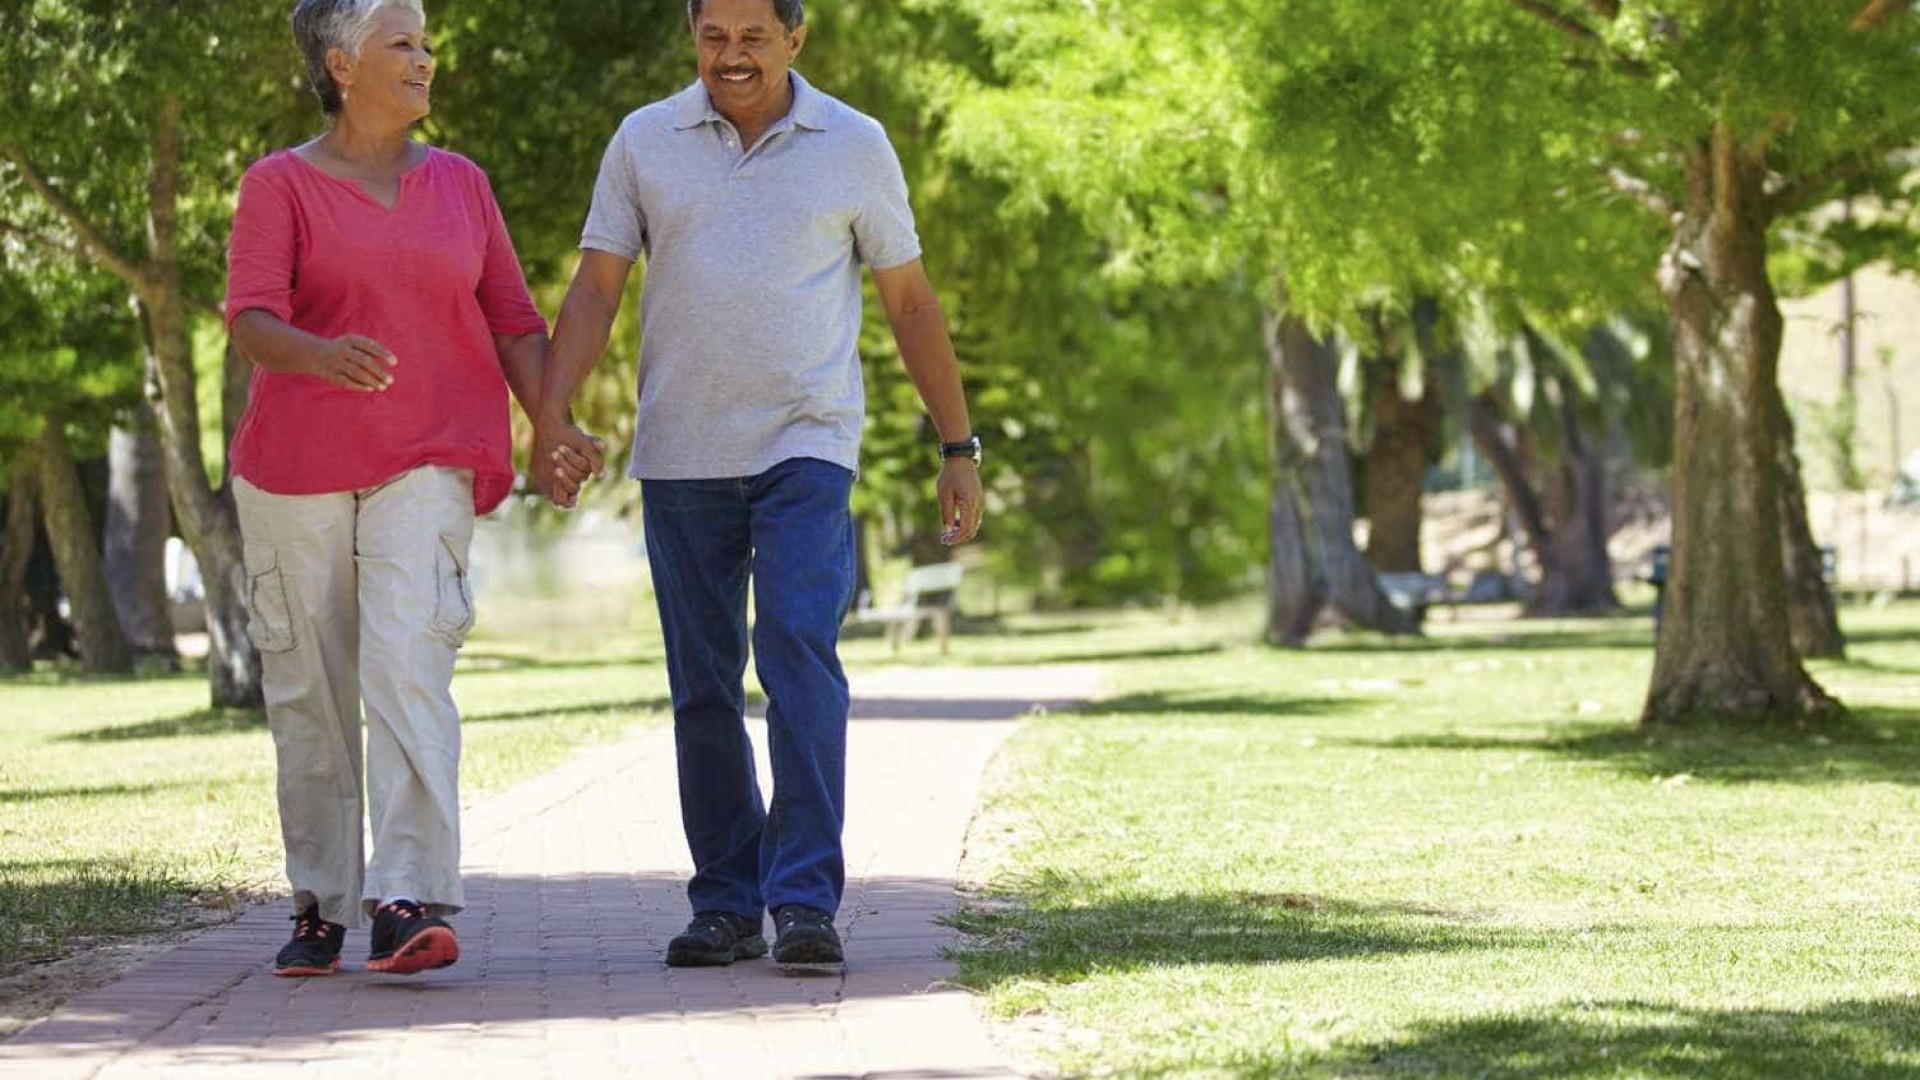 Caminhar depois de comer reduz o risco de diabetes tipo 2